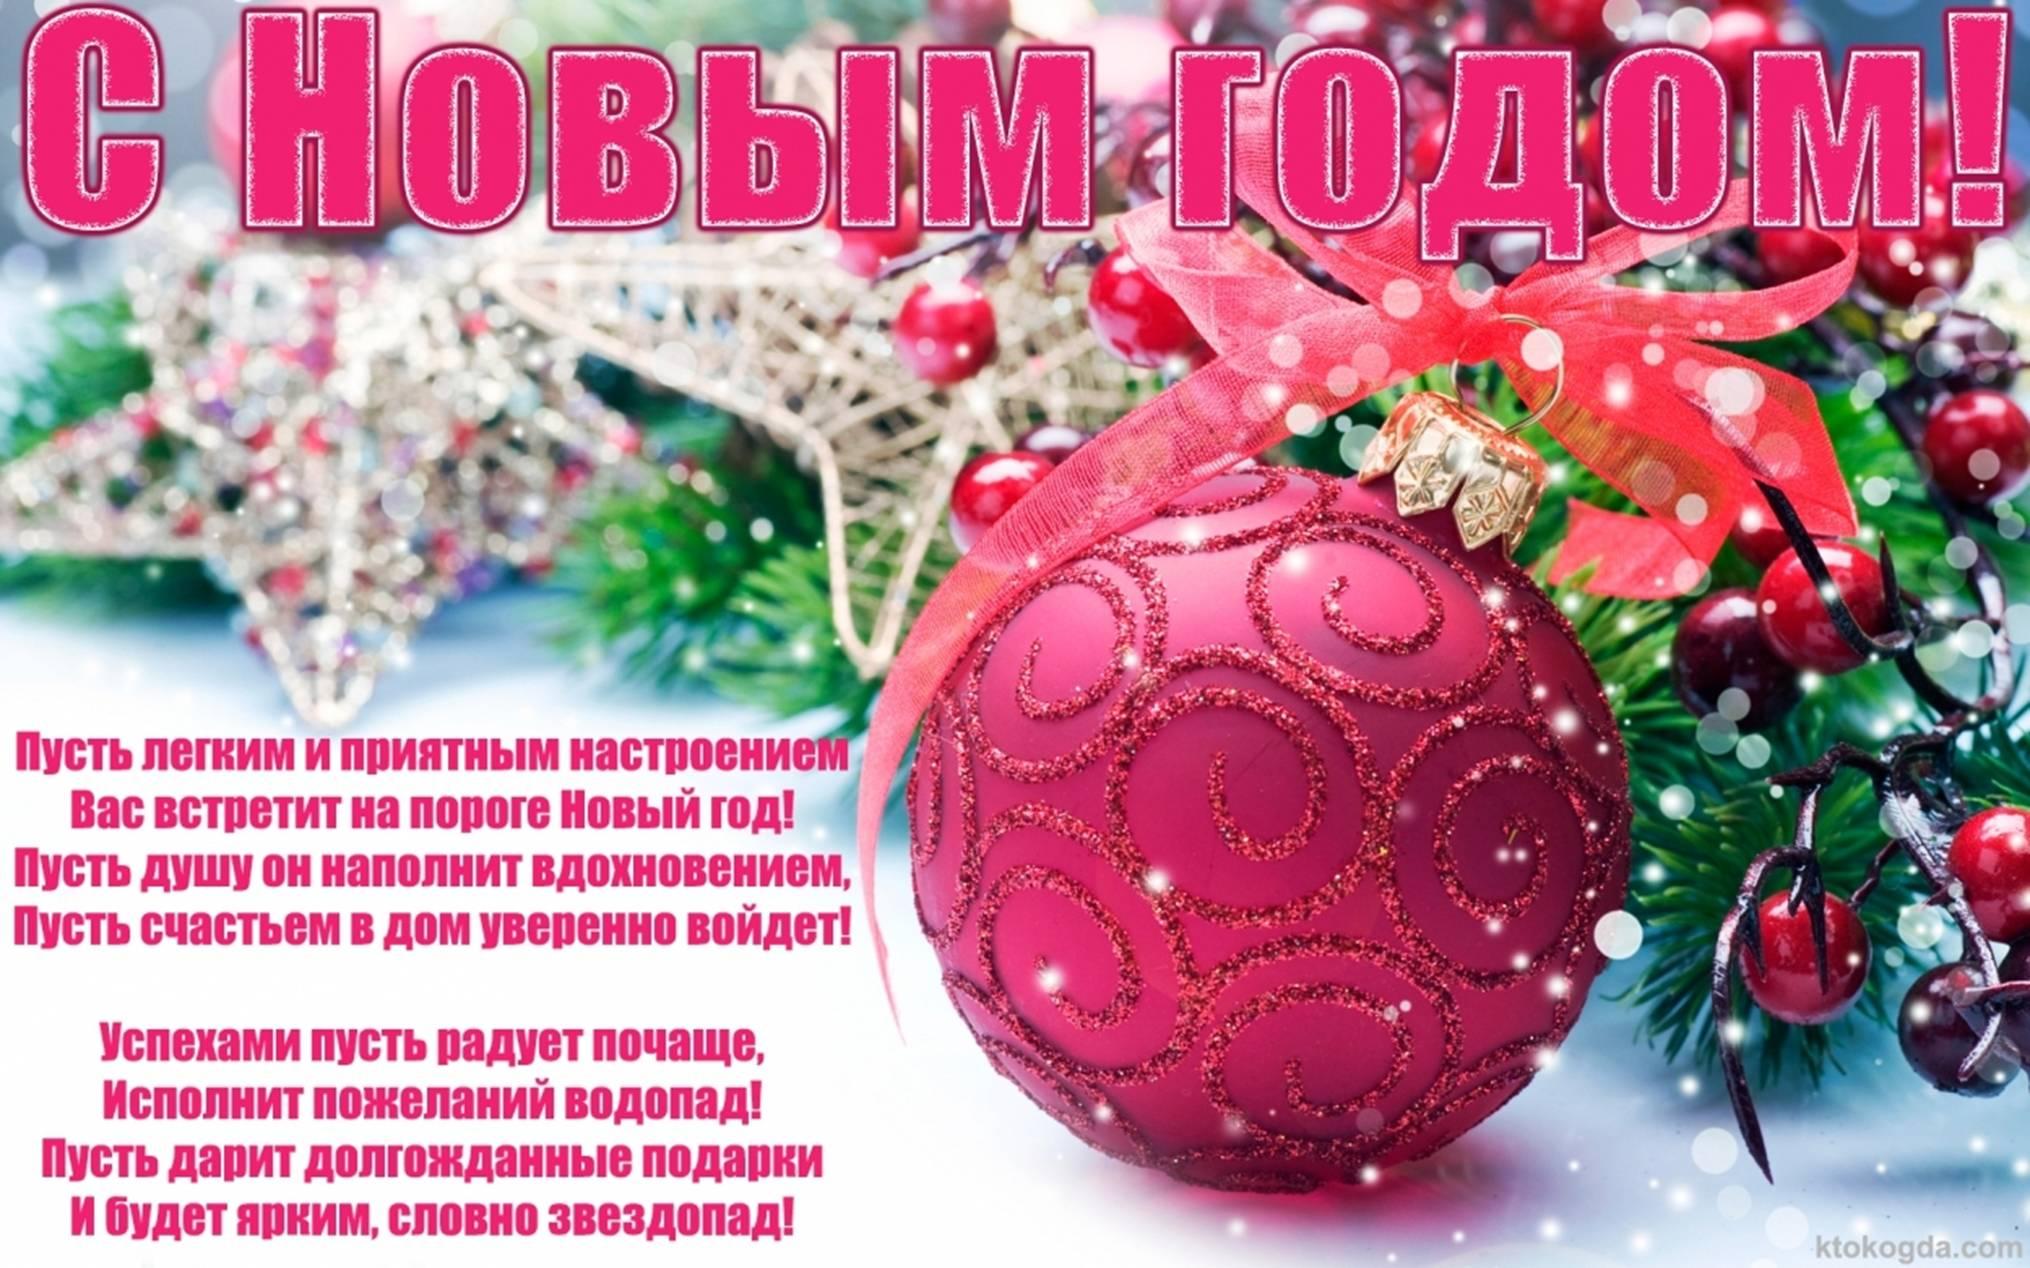 Скачать бесплатно новогодние поздравления в открытках с